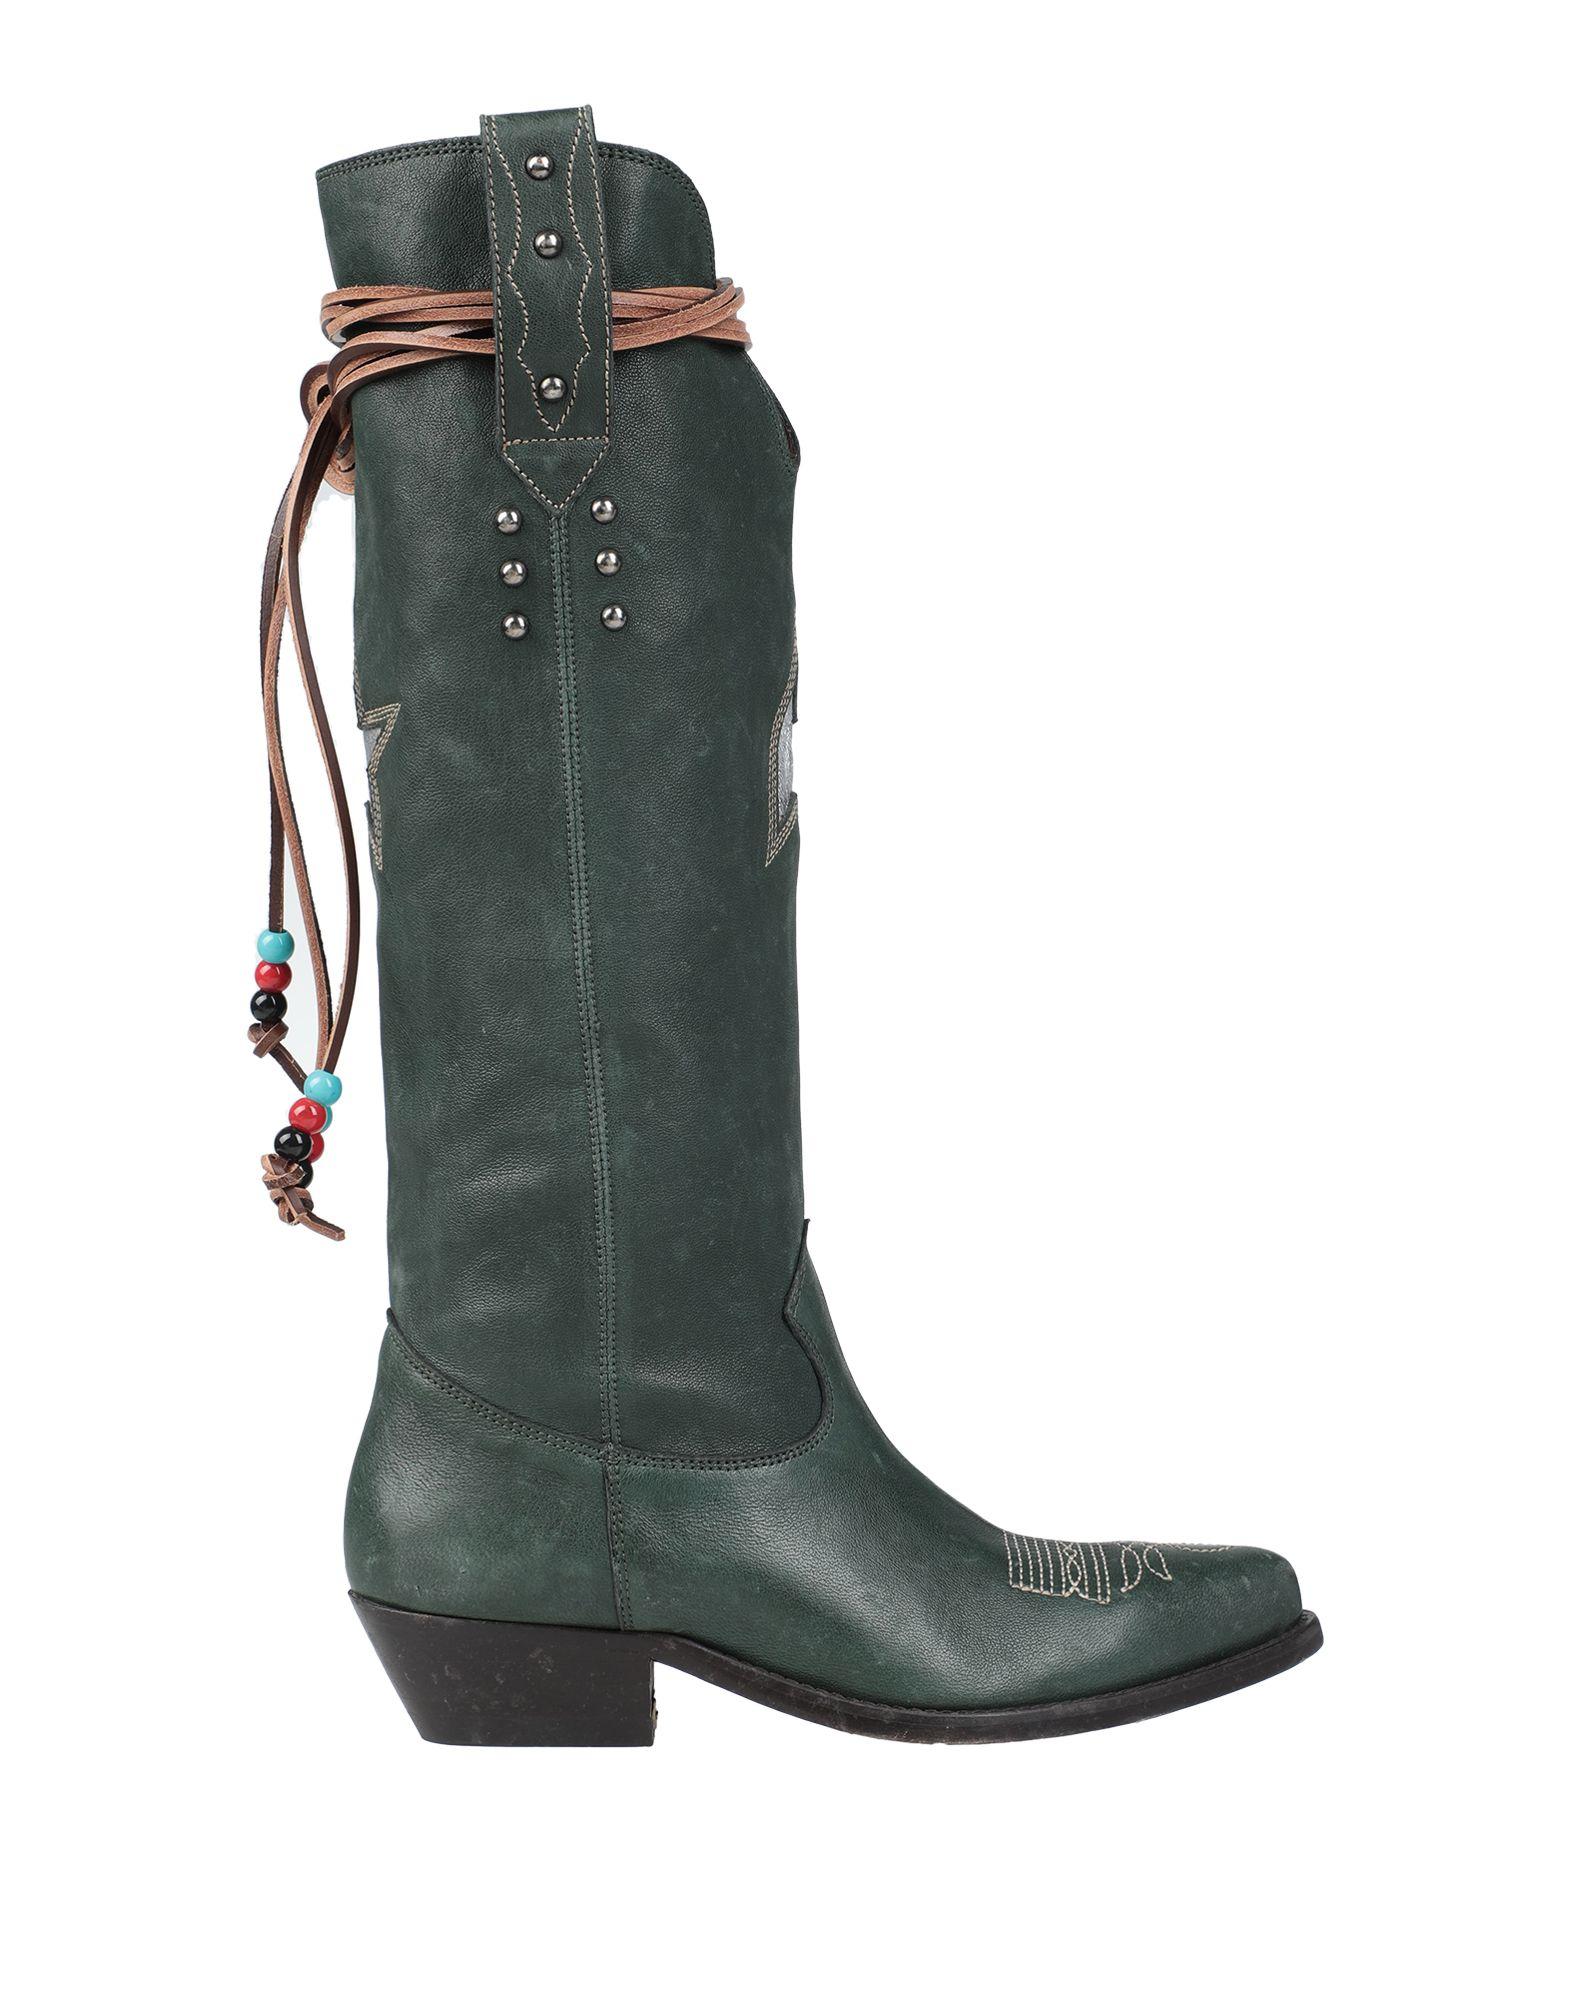 GOLDEN GOOSE DELUXE BRAND Boots - Item 11870441